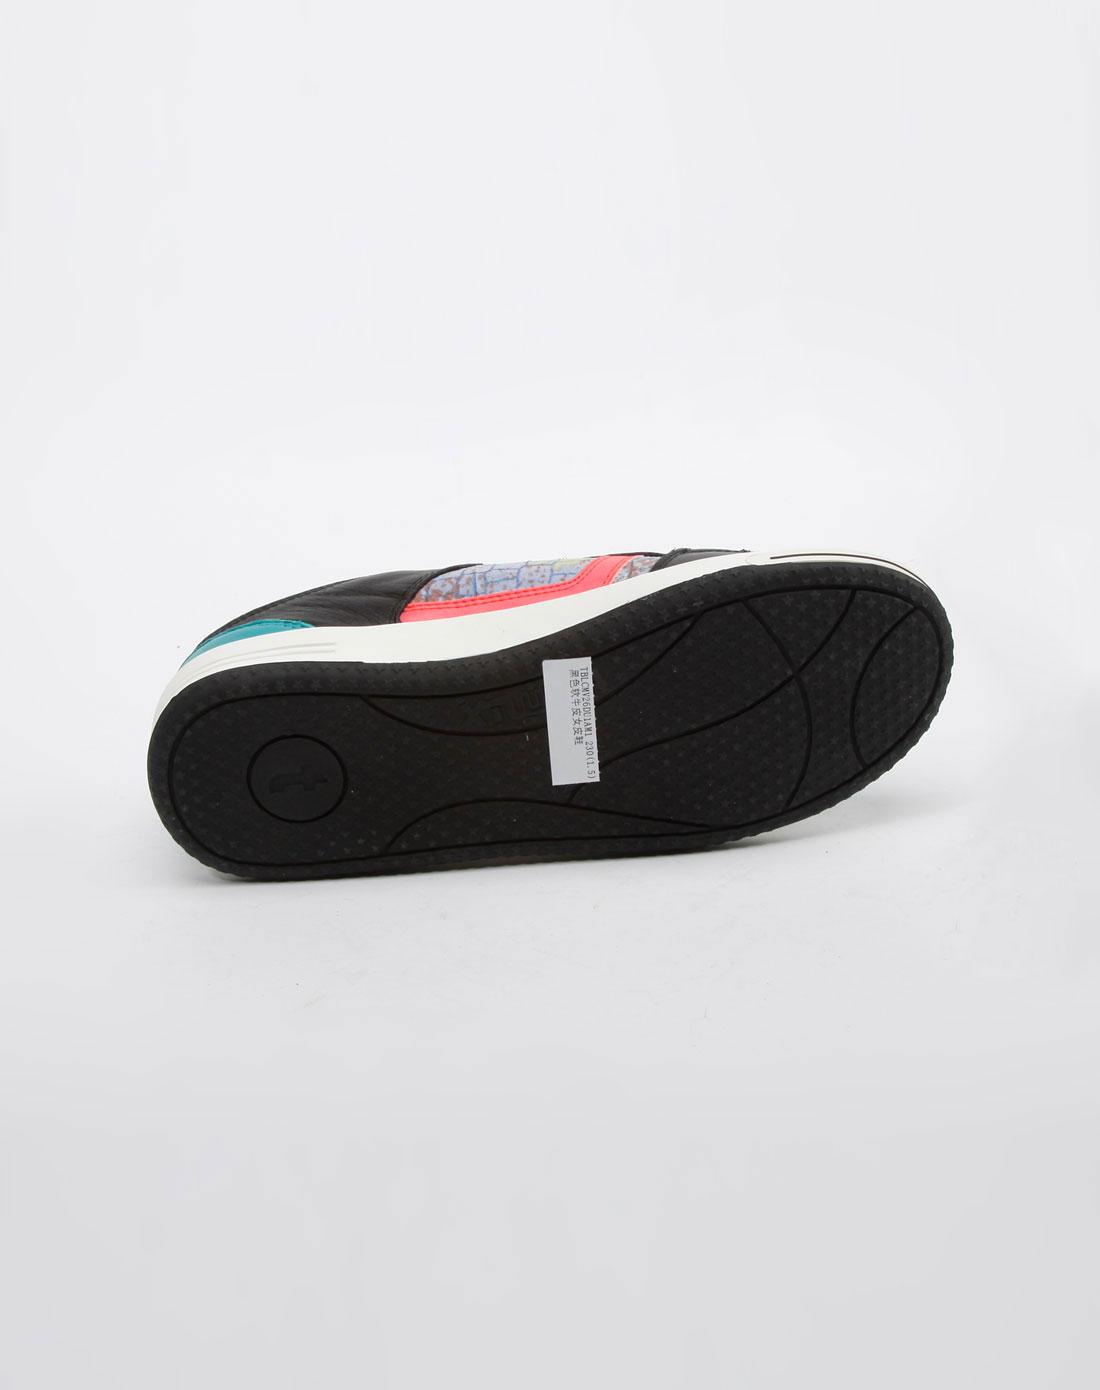 天美意teenmix女款黑/暗绿色休闲运动鞋